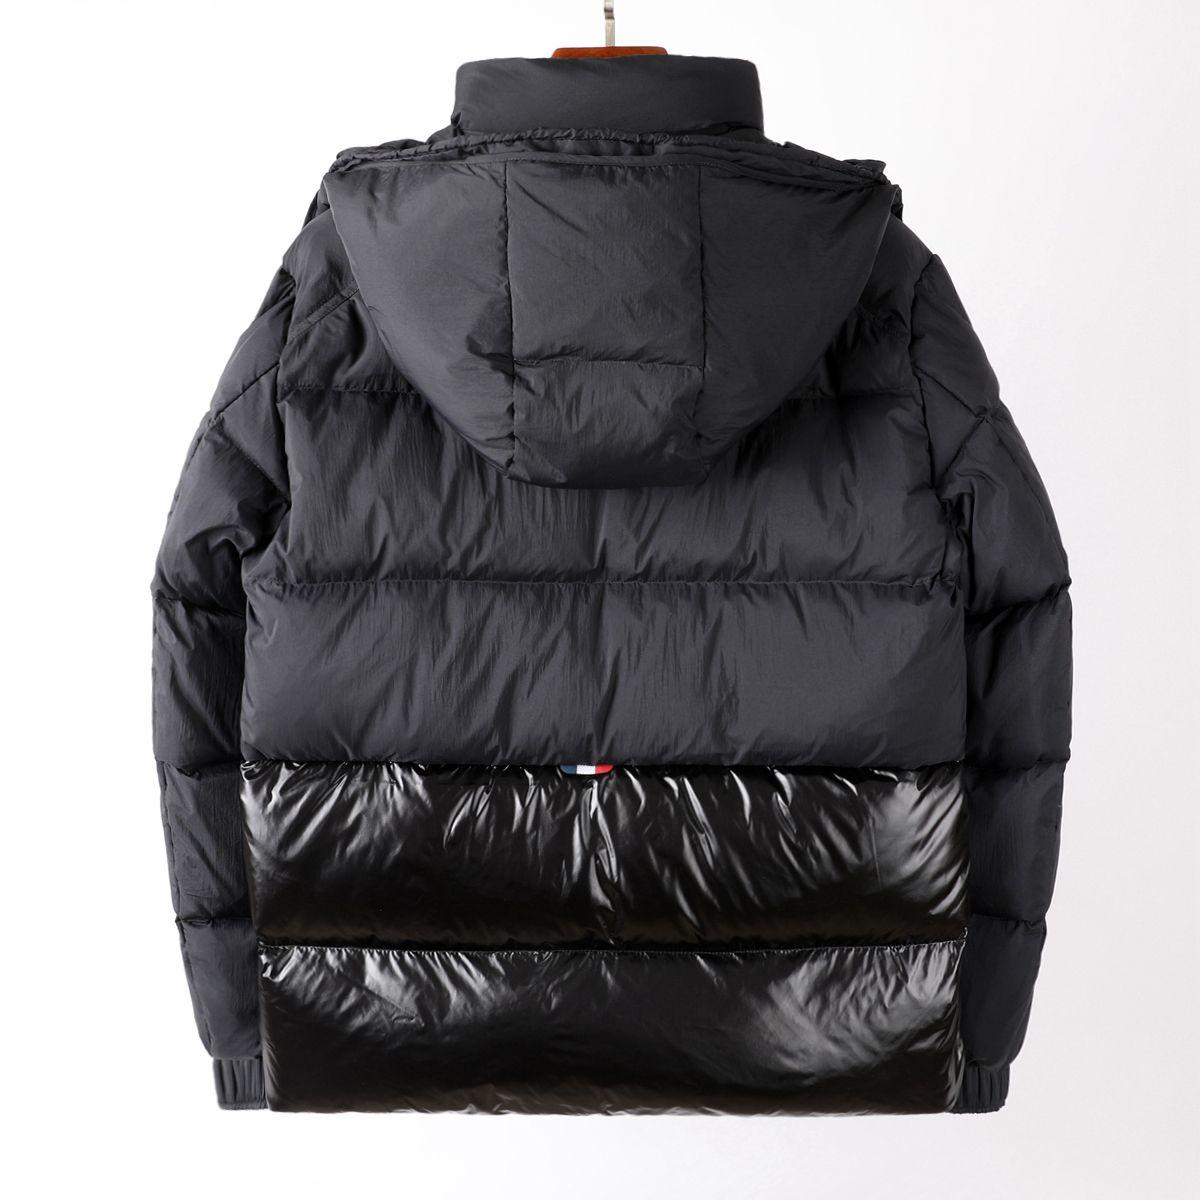 럭셔리 프랑스 망 다운 재킷 편지 Monclair 로고 니트 여성 파카 패널 캐주얼 코트 폭격기 재킷 디자이너 남자 s 의류 002